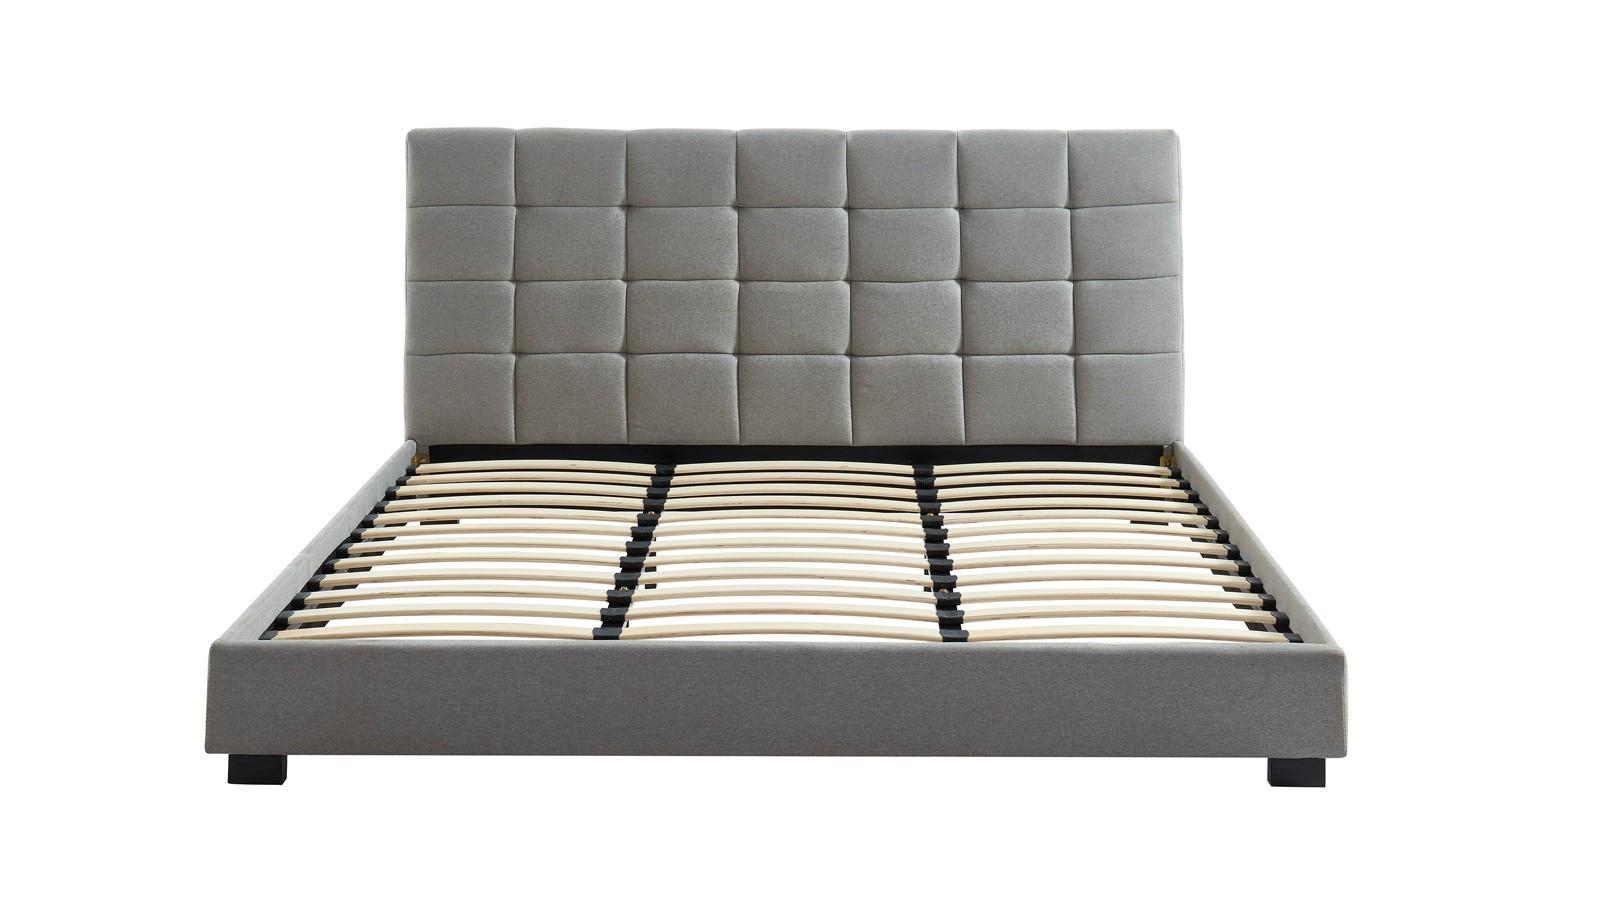 lit gris clair deux places